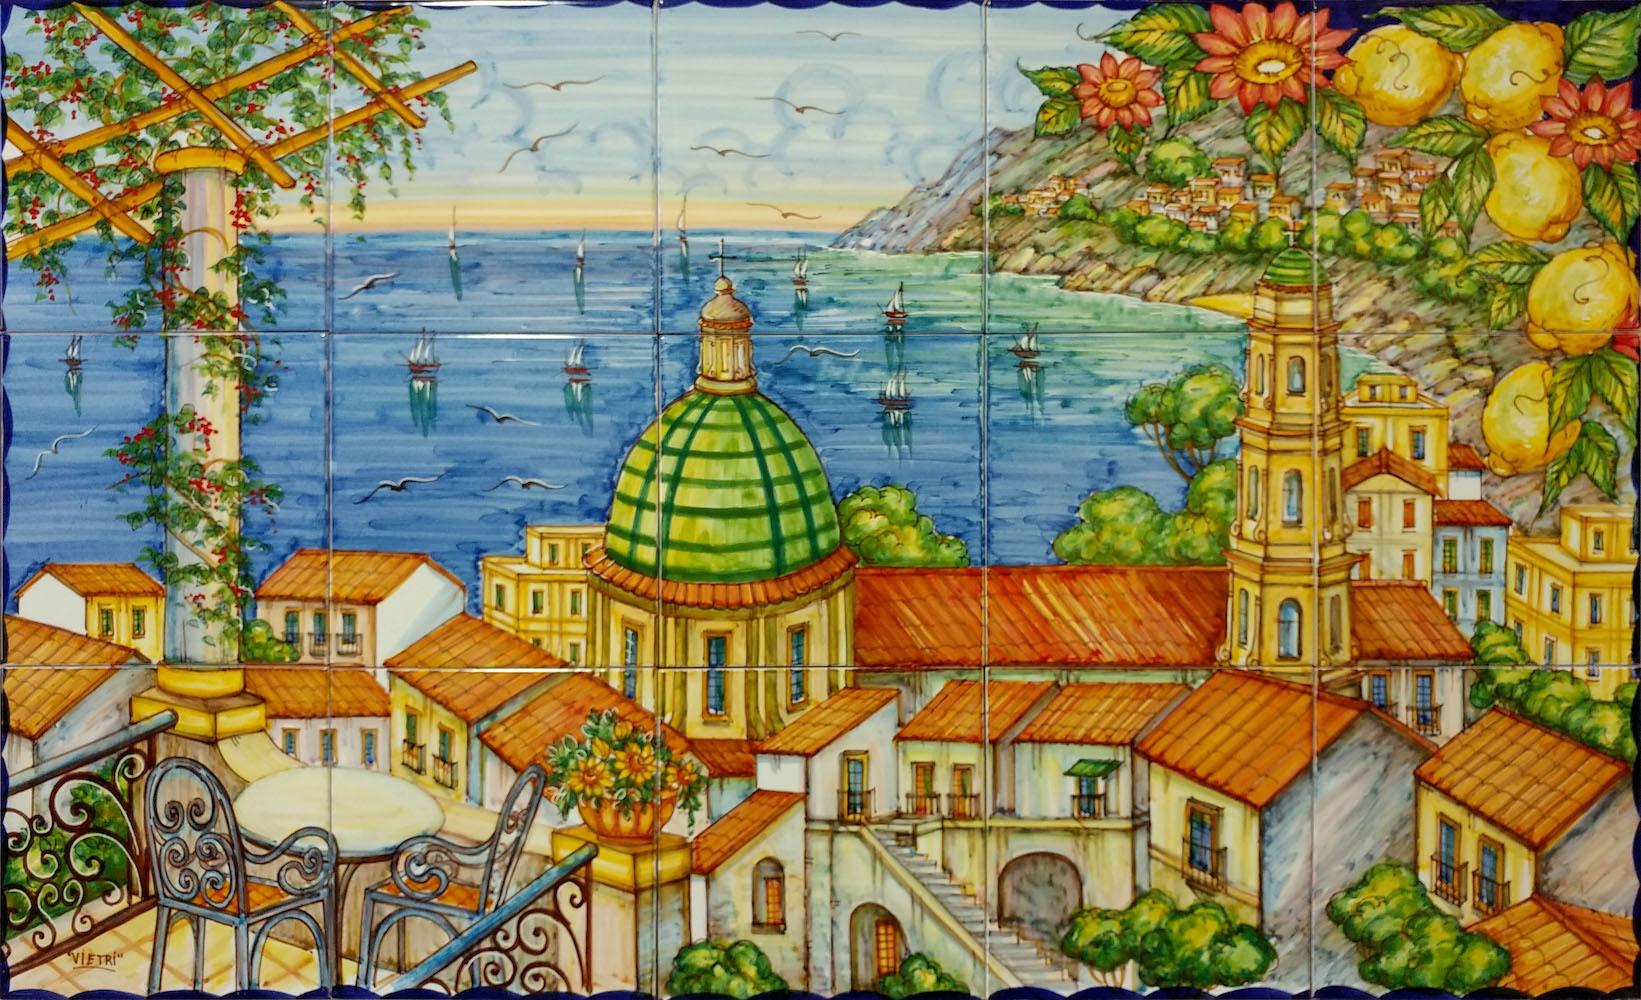 Pannello artistico vietri sul mare 100x60 cm ceramiche for Mosaico ceramica